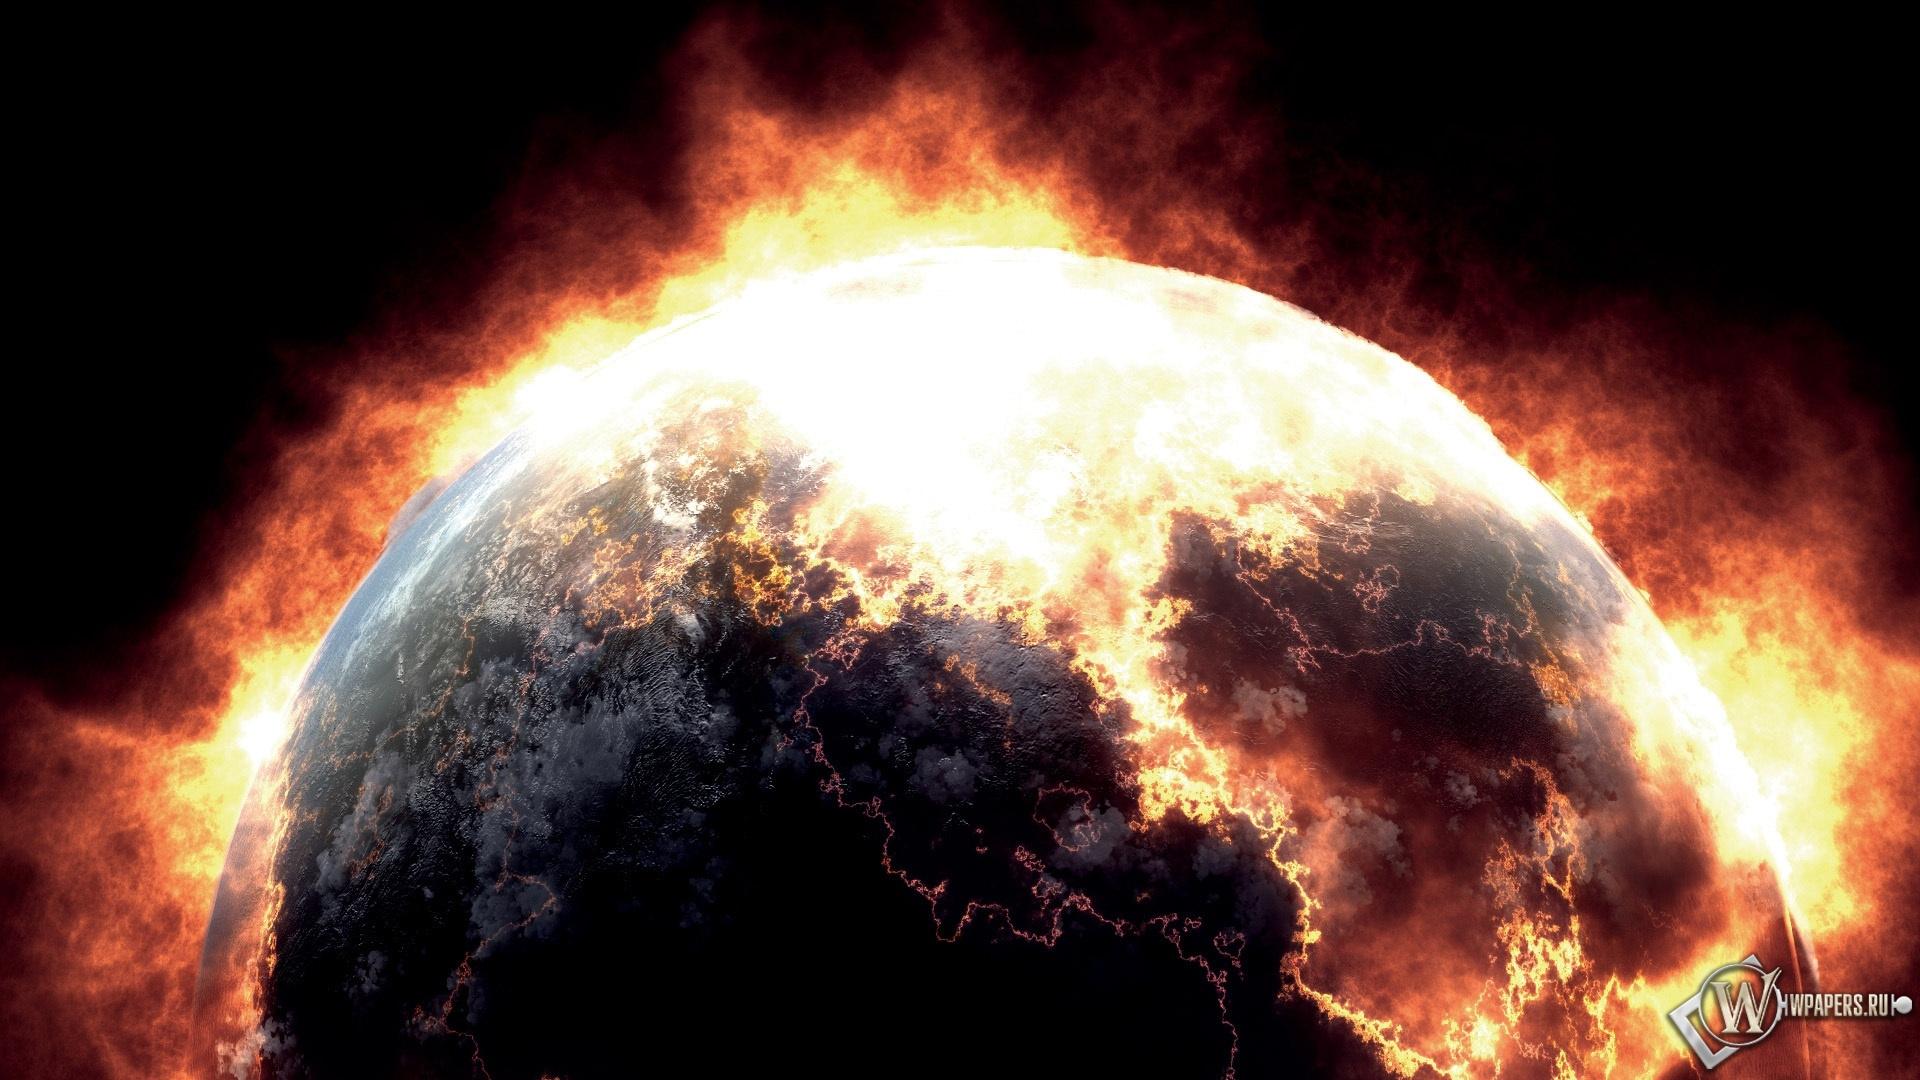 Взрыв планеты космос планета взрыв